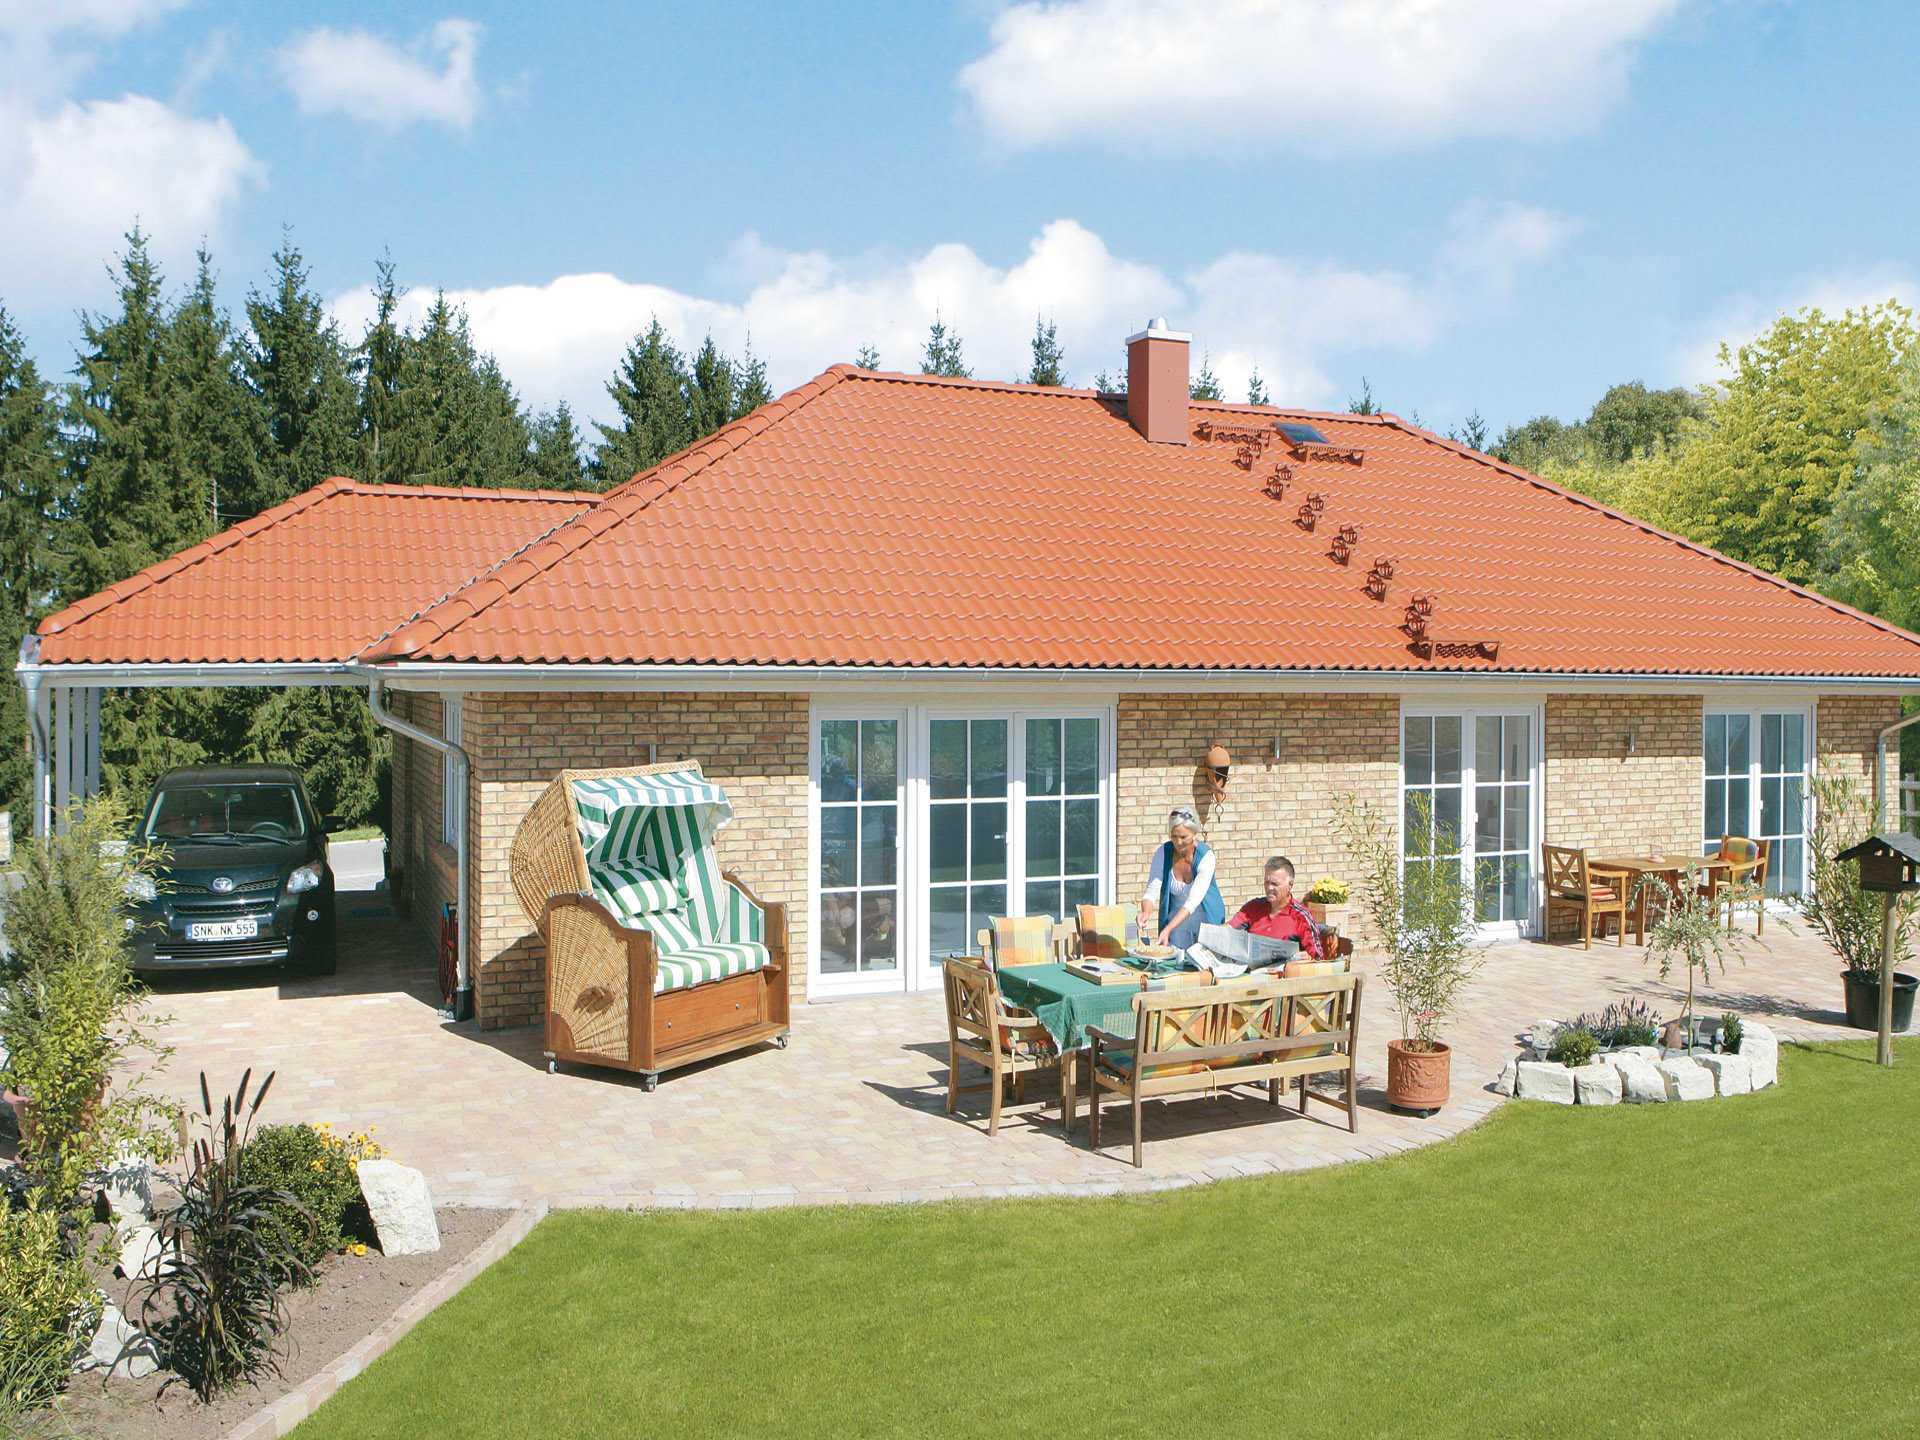 Danhaus Haus Bornholm